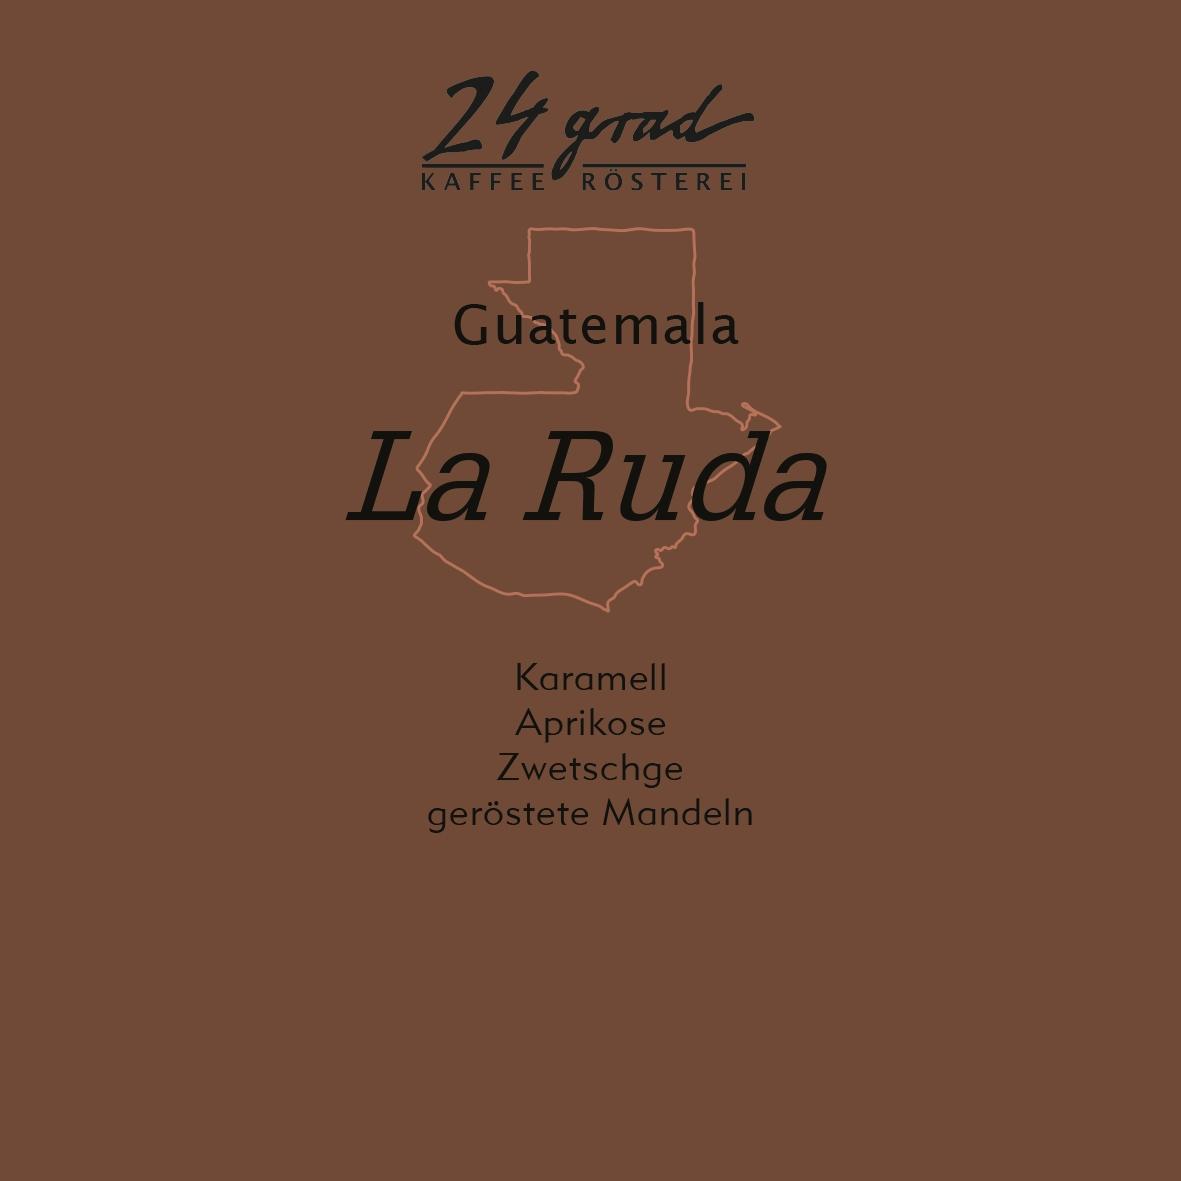 Guatemala La Ruda